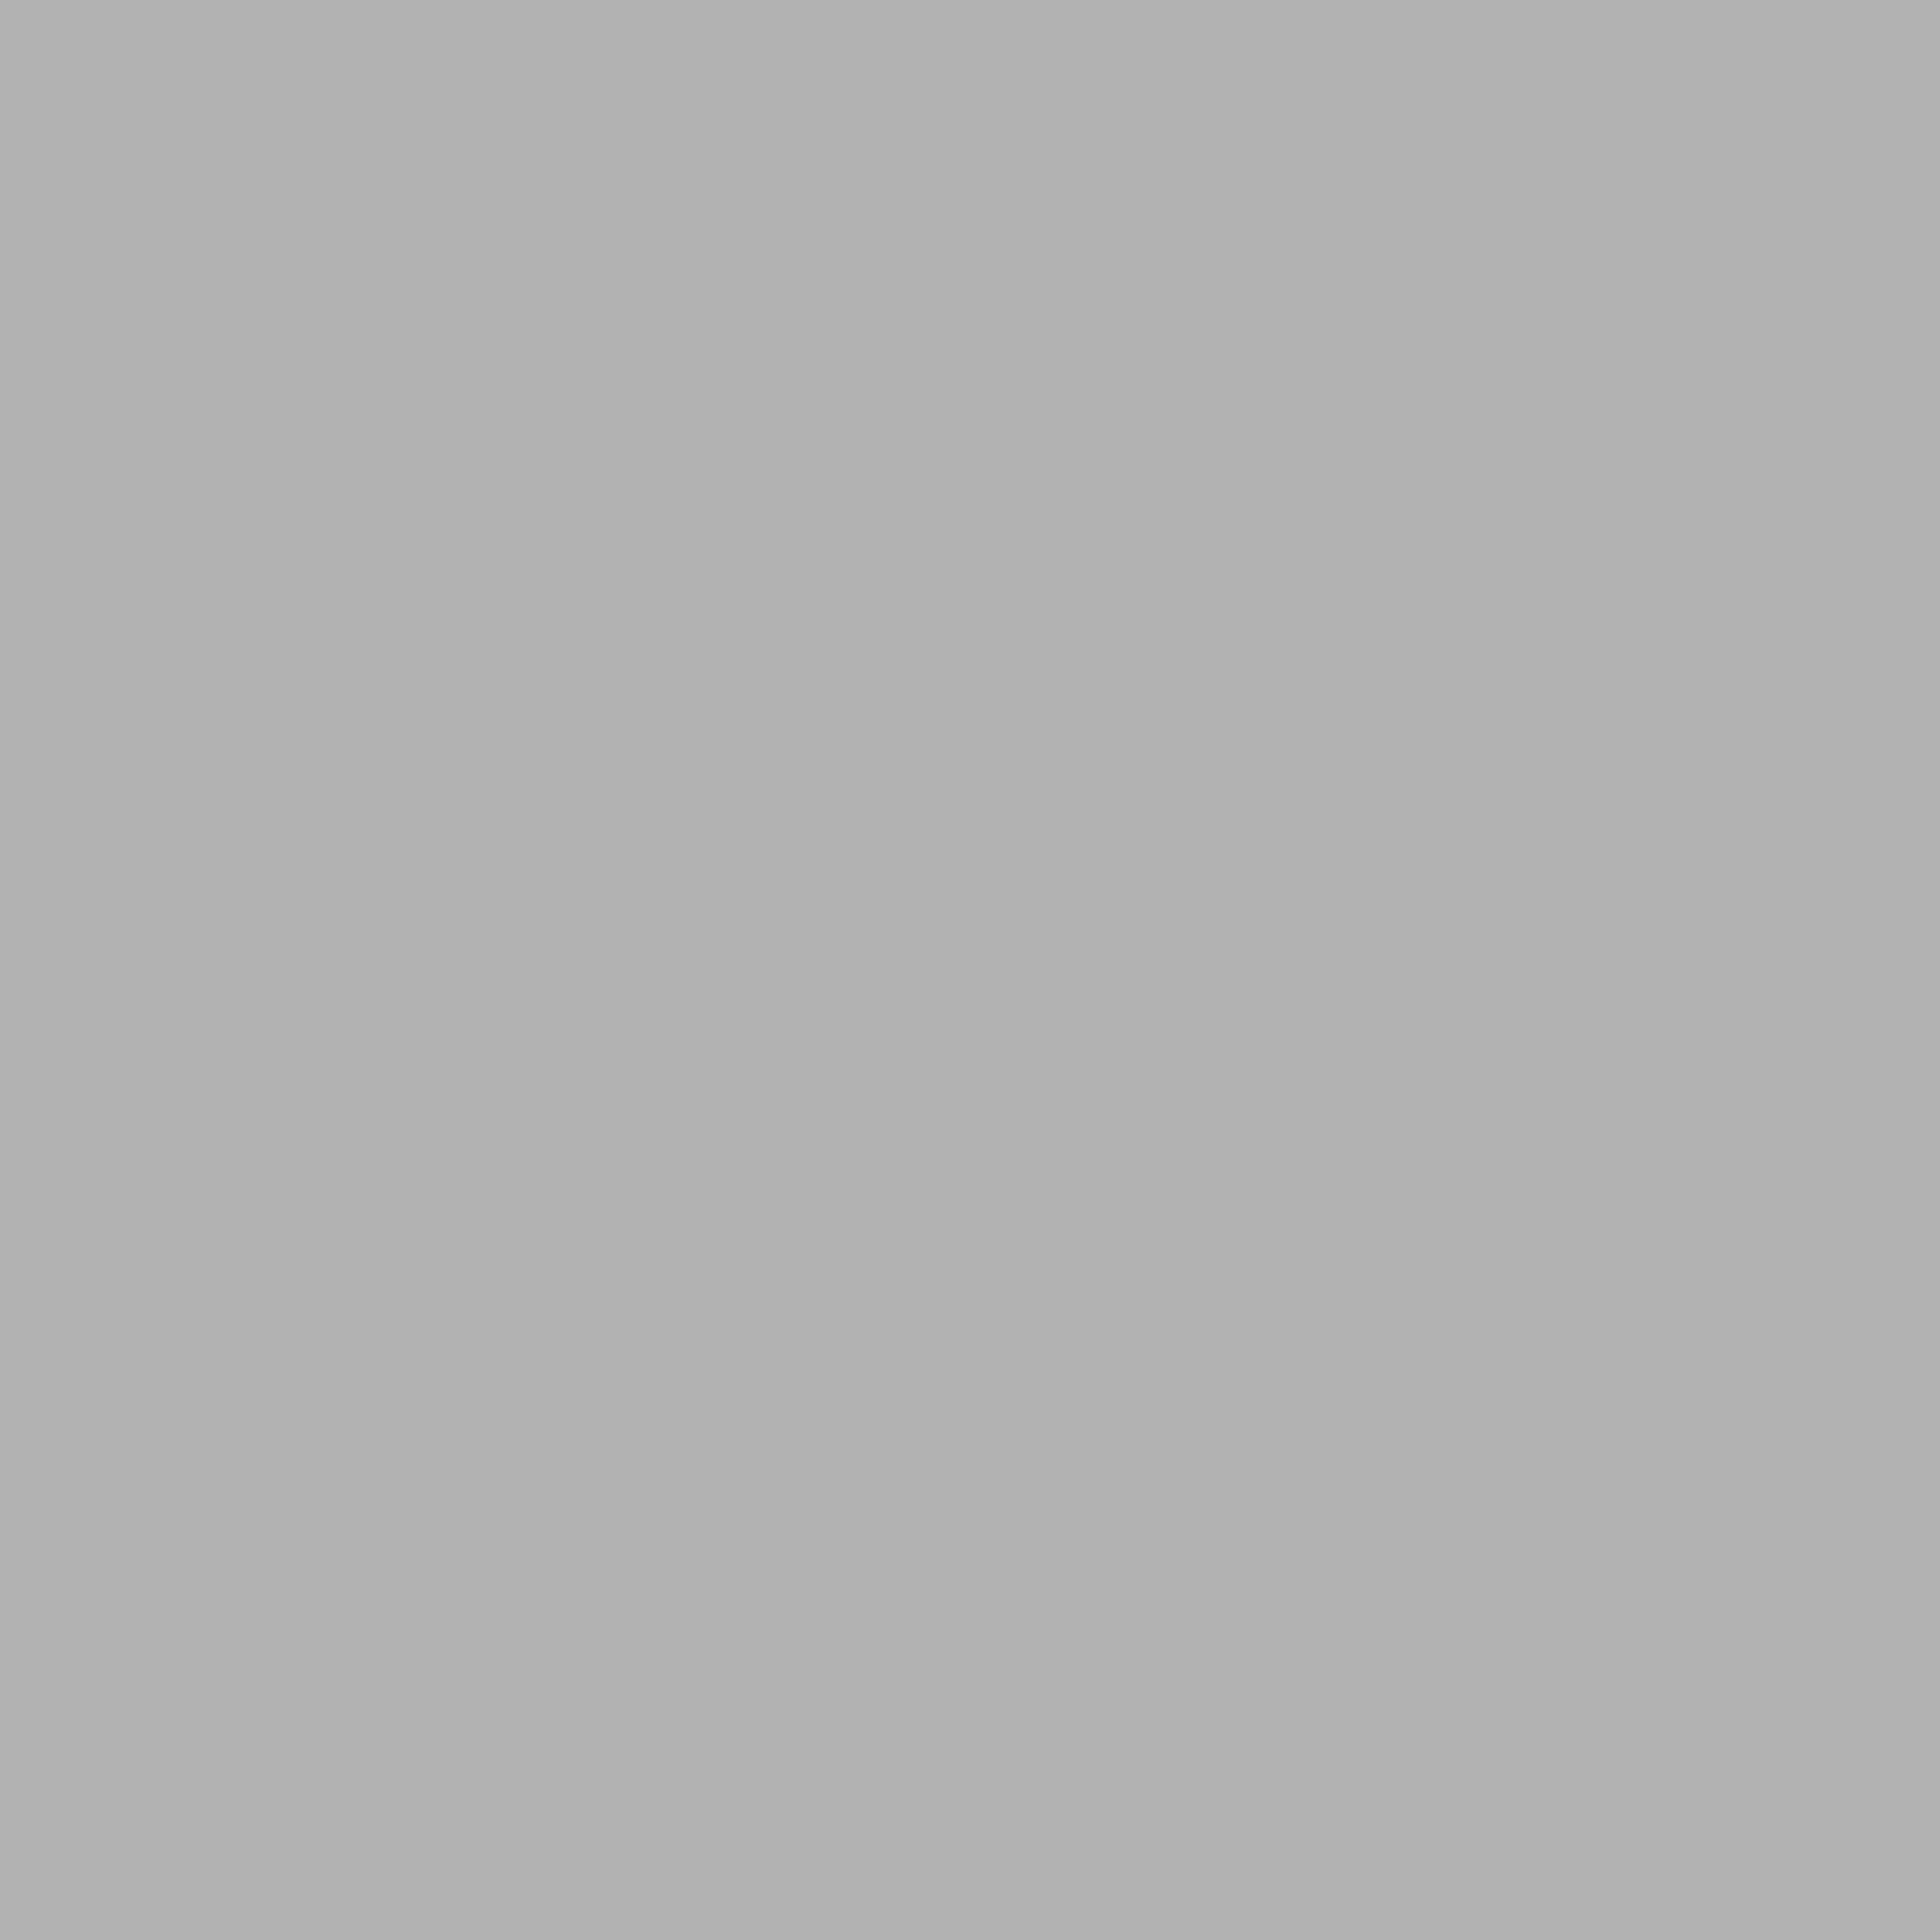 Avery Avery Facade Film RAL9006 White Aluminium Gloss